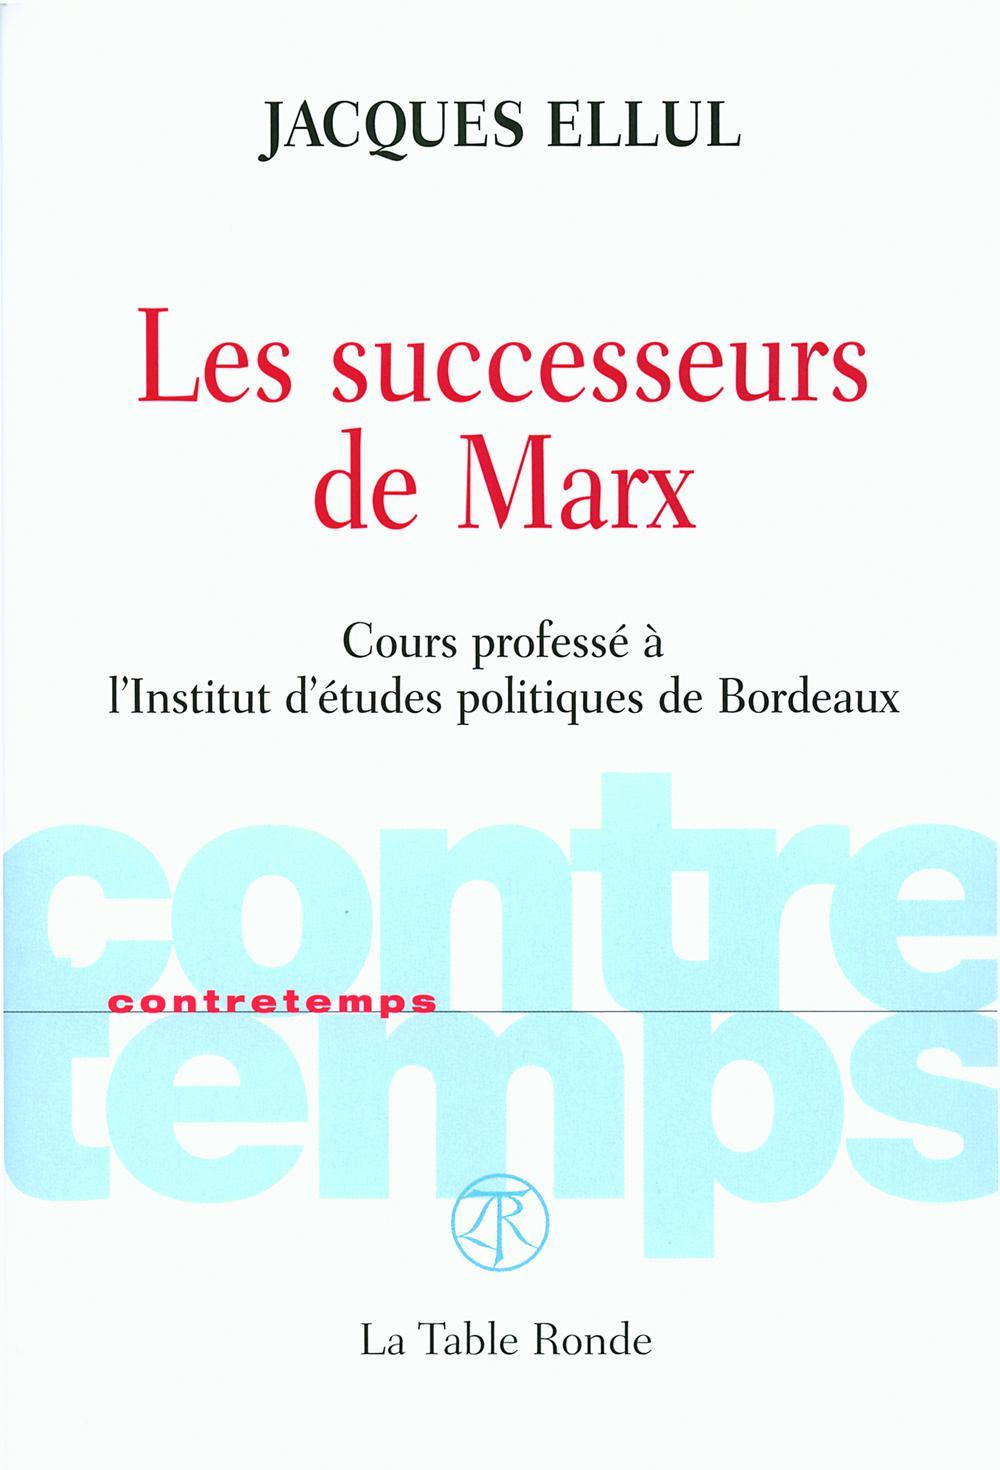 Les successeurs de Marx